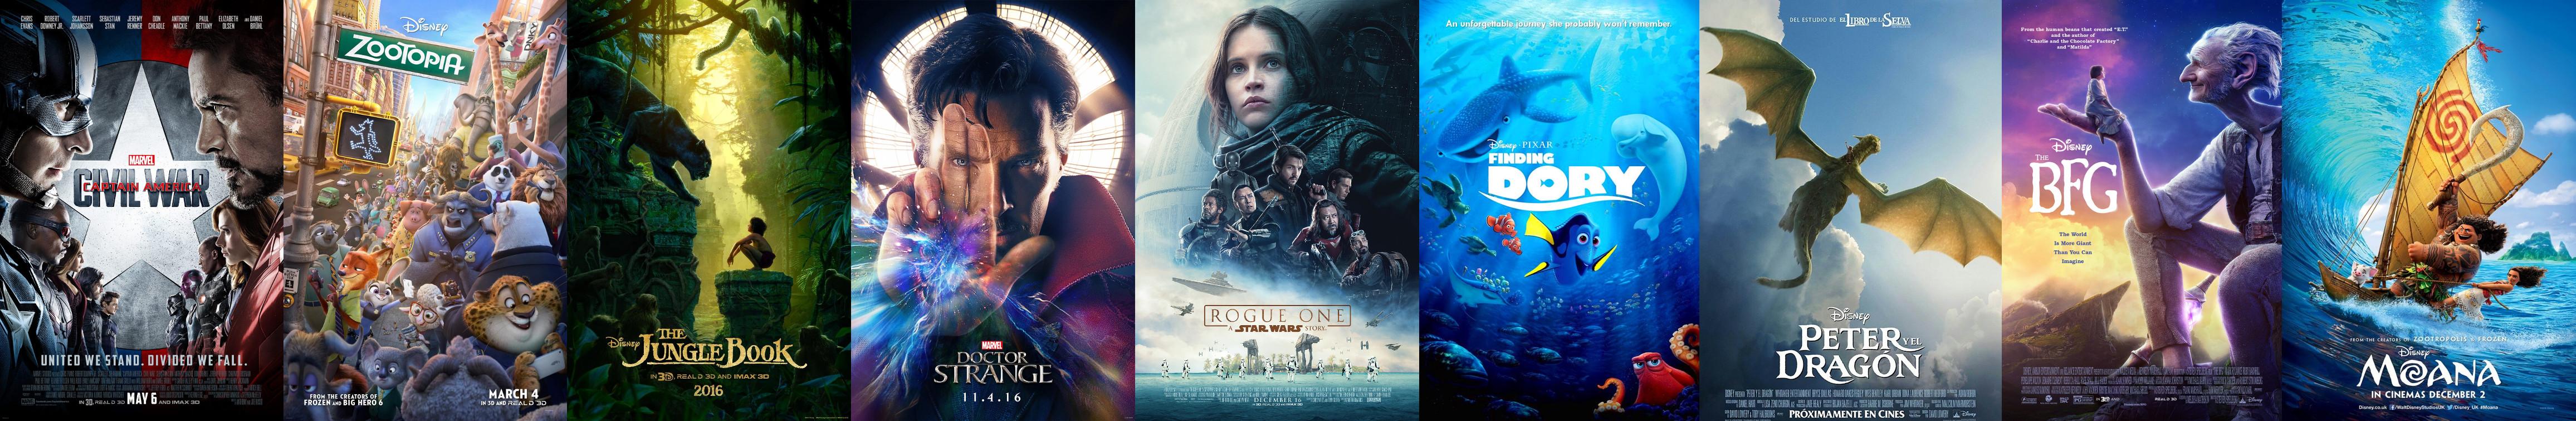 Las 25 mejores películas de 2016